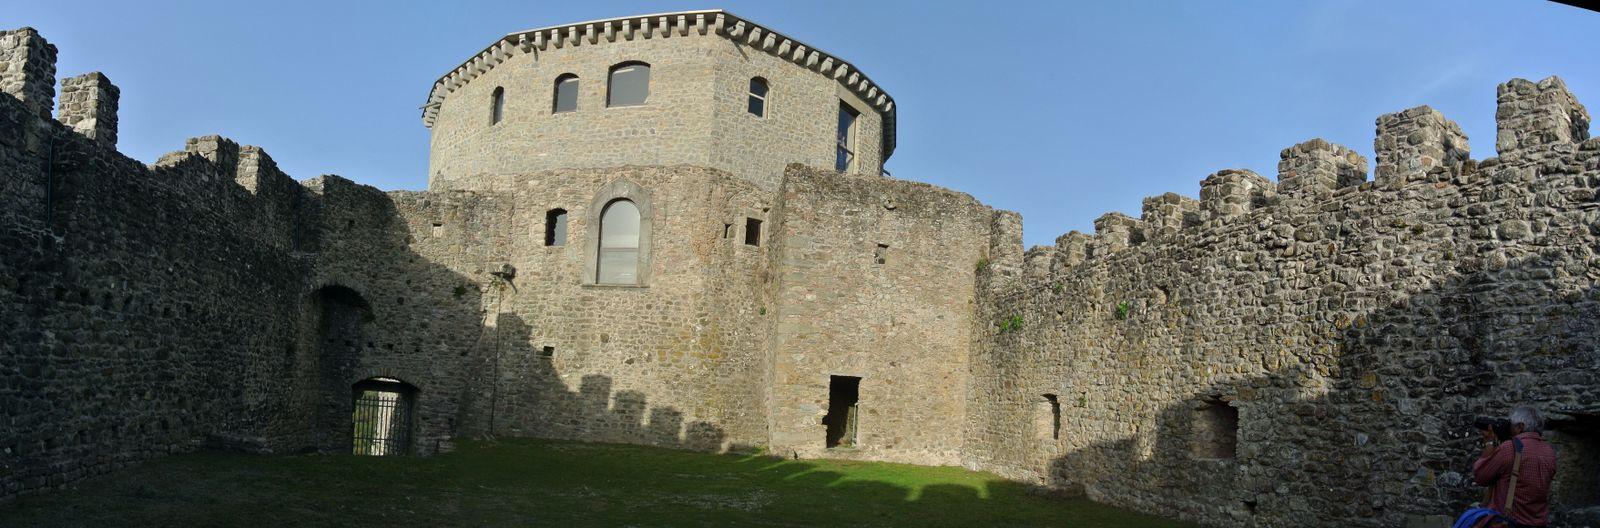 Giugno 2013 sguardo sul medioevo - Chi erano i cavalieri della tavola rotonda ...